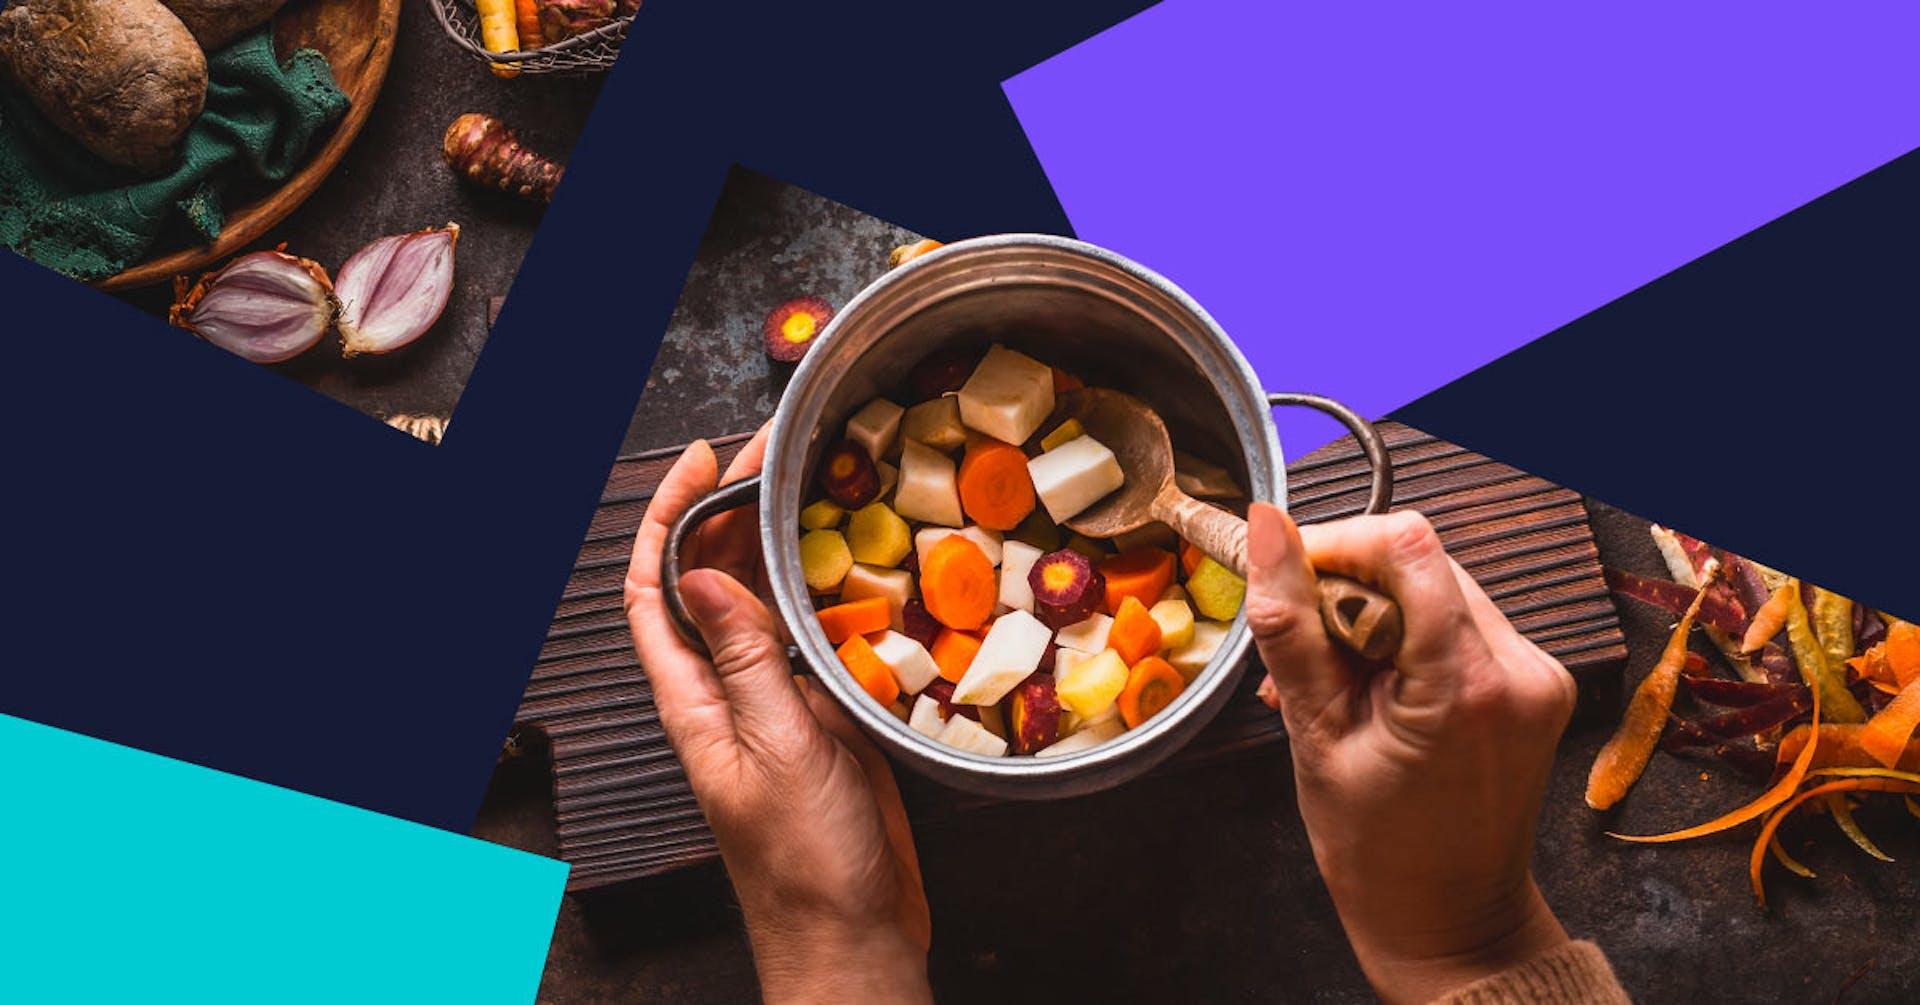 Cozinhar rápido: dicas para não passar muitas horas na cozinha